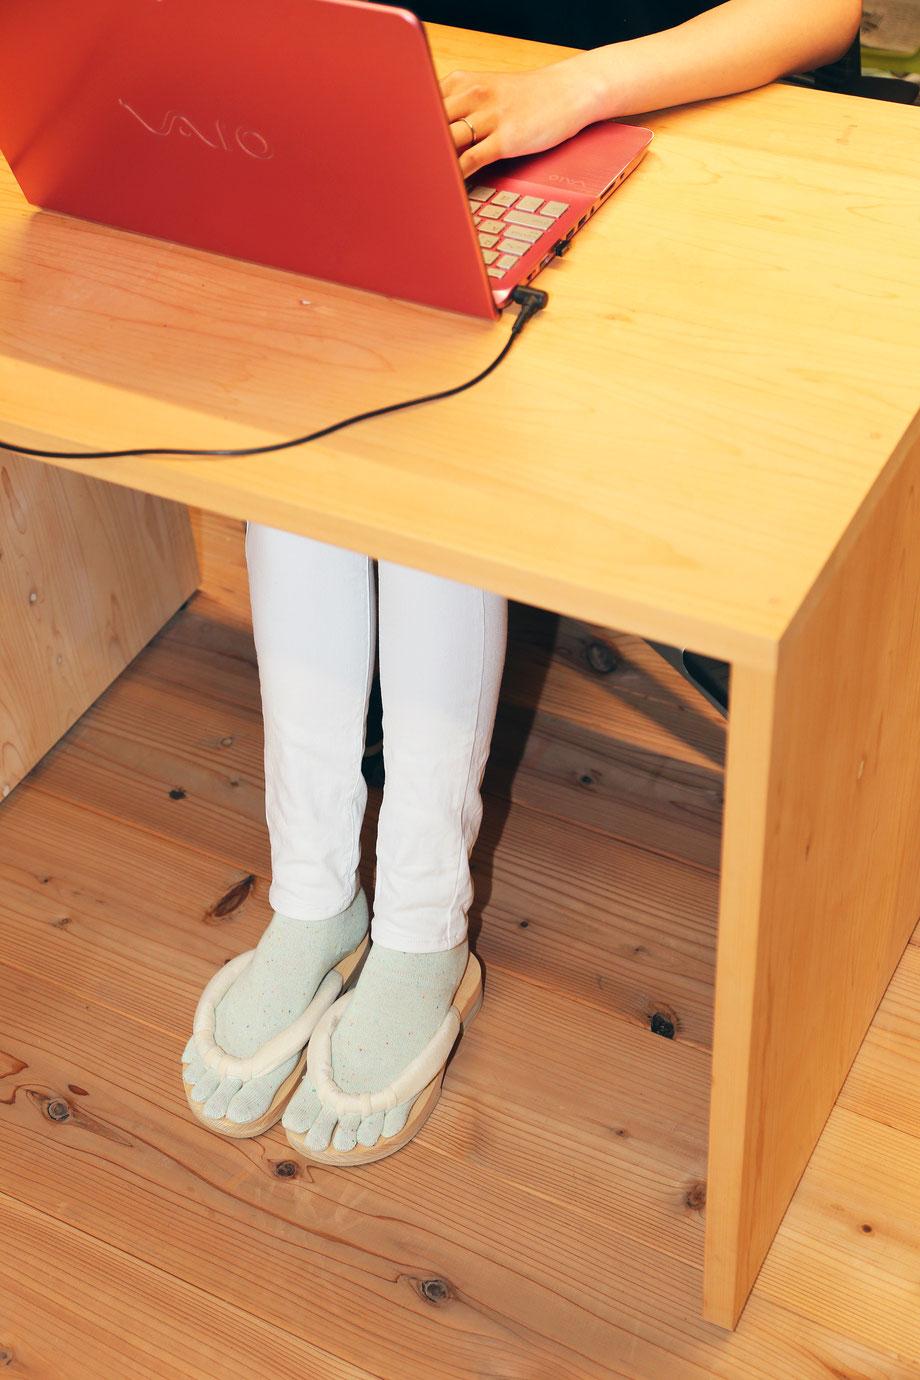 巣ごもり生活で、自宅でのリモートワークが増えてこられた方に、自宅で室内履きとして履いているだけで足指運動ができ、健康に近づくルームゲタルはこれからの健康必須アイテムです。